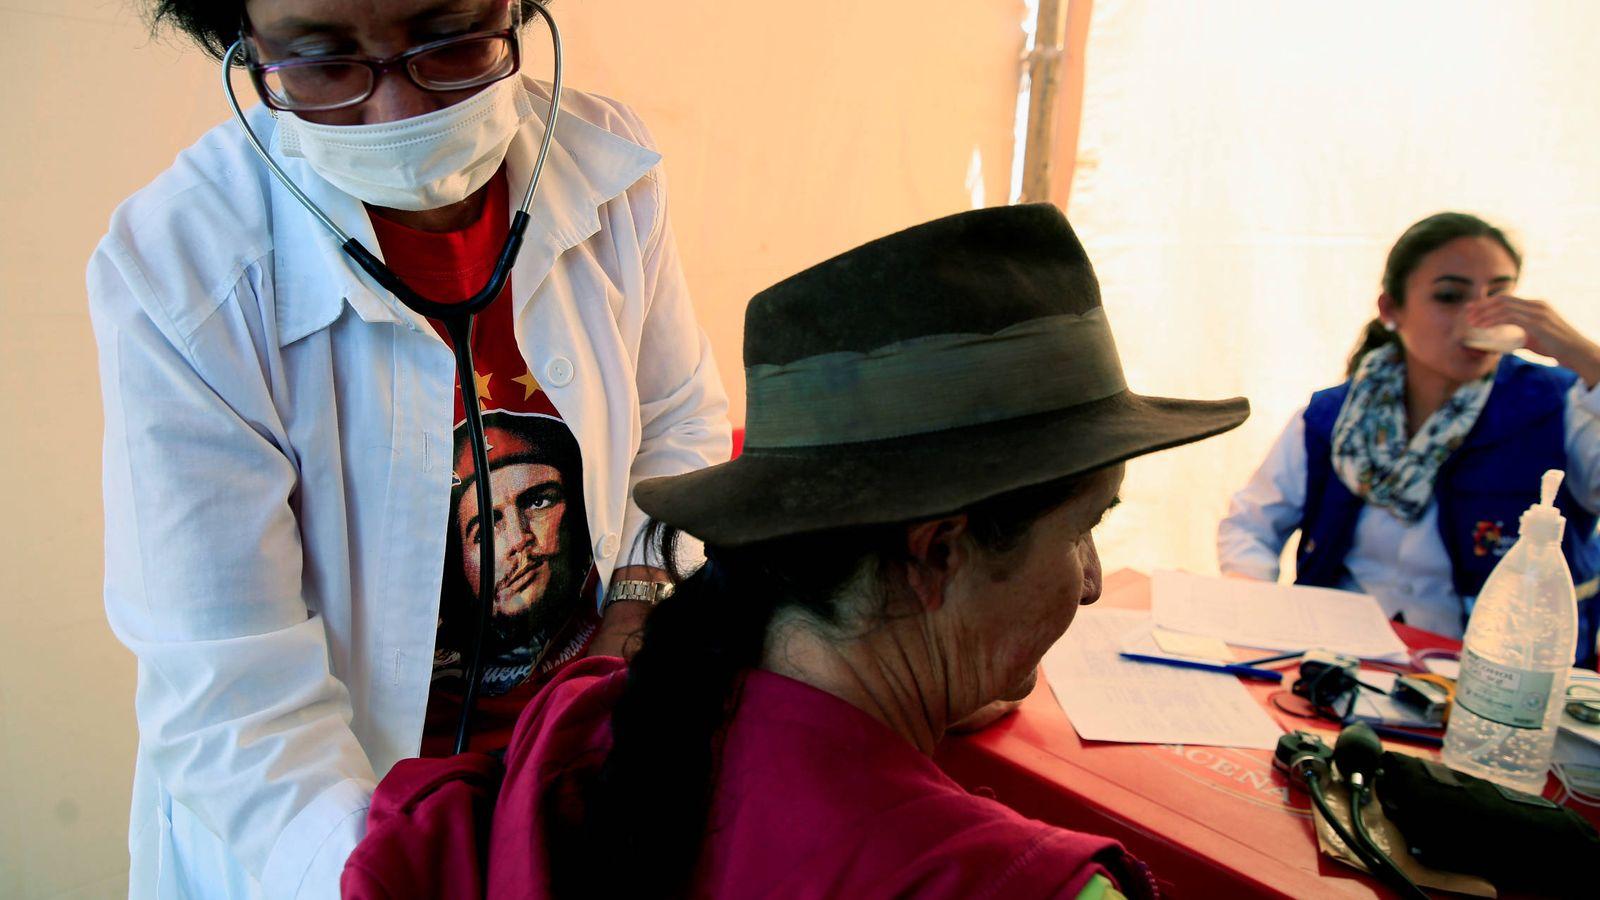 Foto: Una doctora cubana inspecciona a una paciente en un hospital en Vallegrande, Santa Cruz, Bolivia, en octubre de 2017. (Reuters)